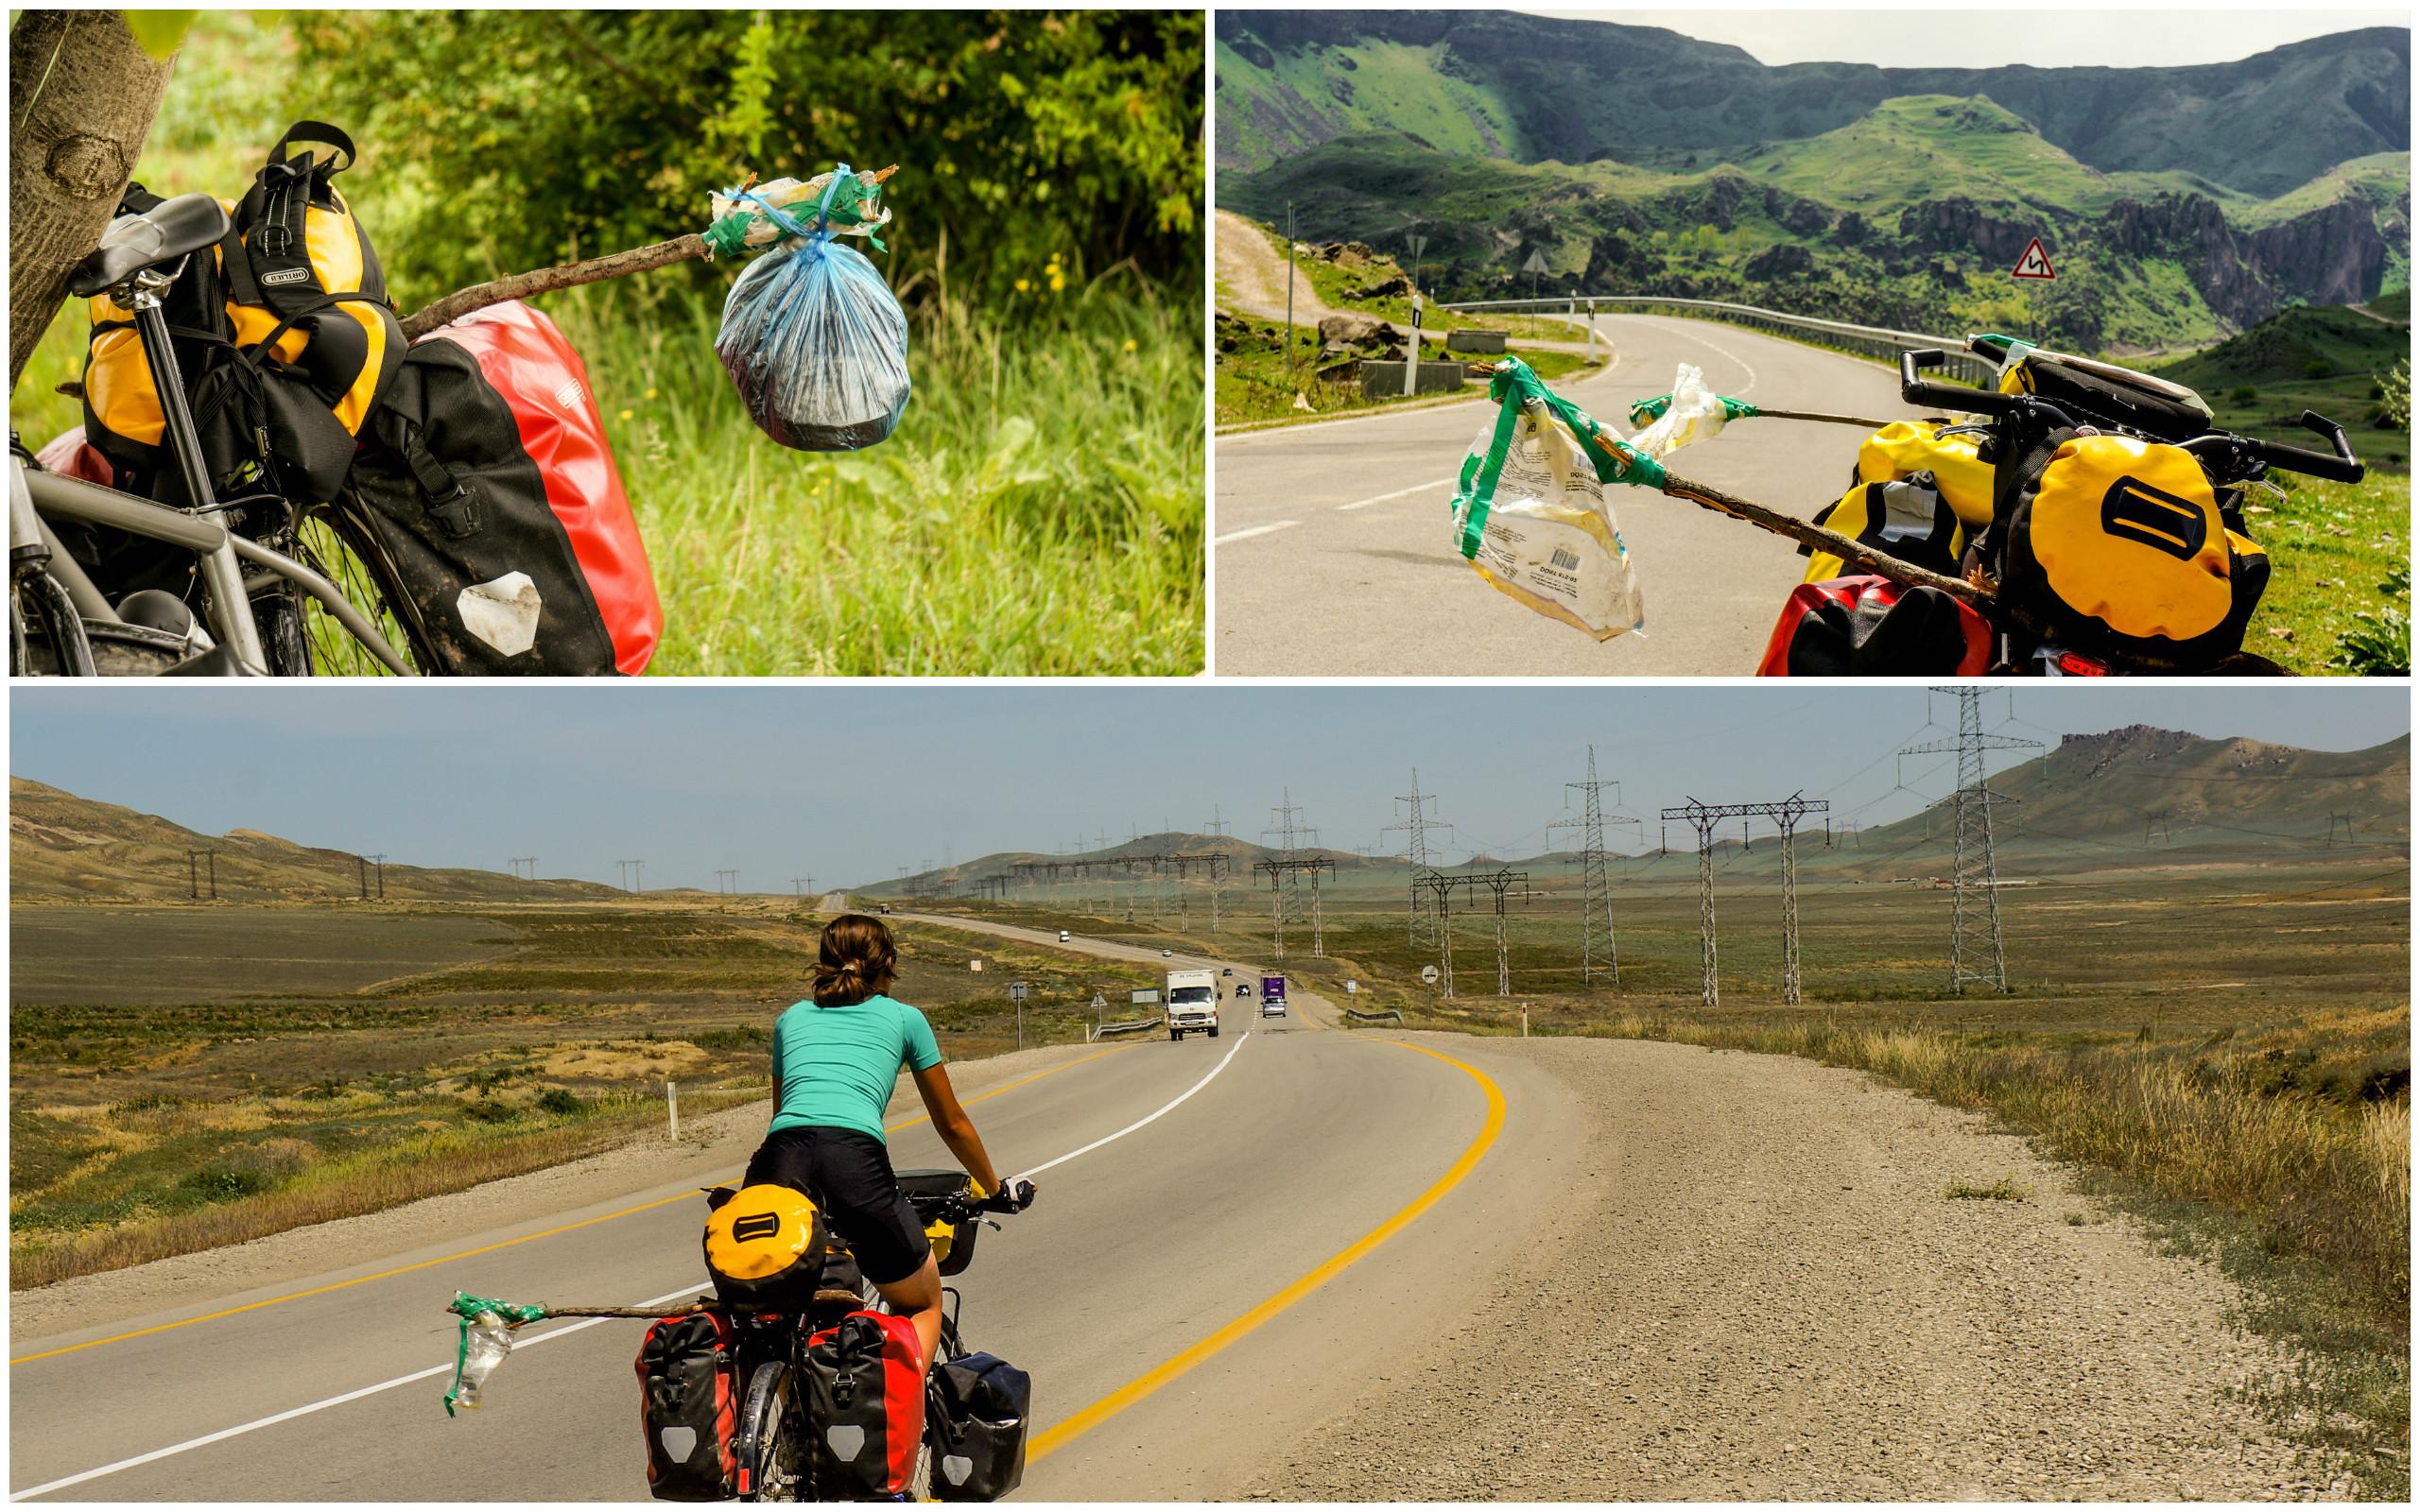 gruzja-azerbejdzan-patyk-rower